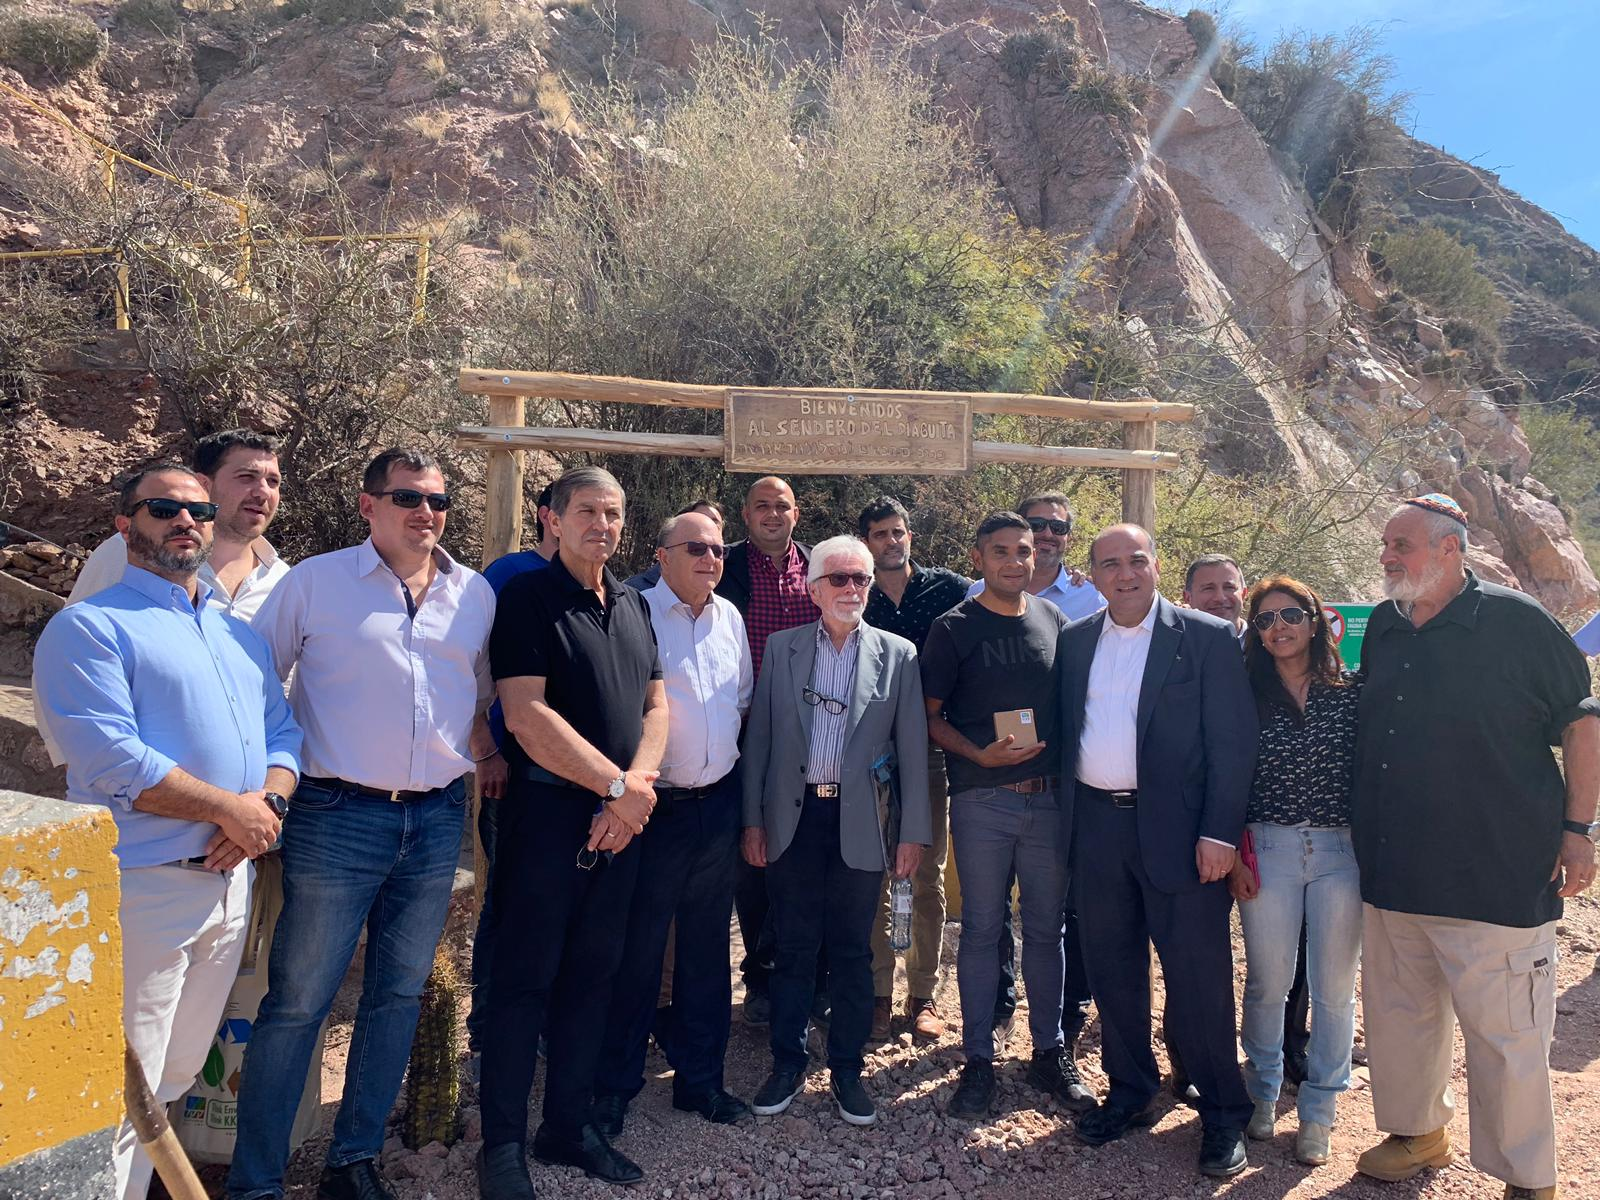 La delegación del KKL en el sendero de Trekking inaugurado con colaboración del KKL Argentina